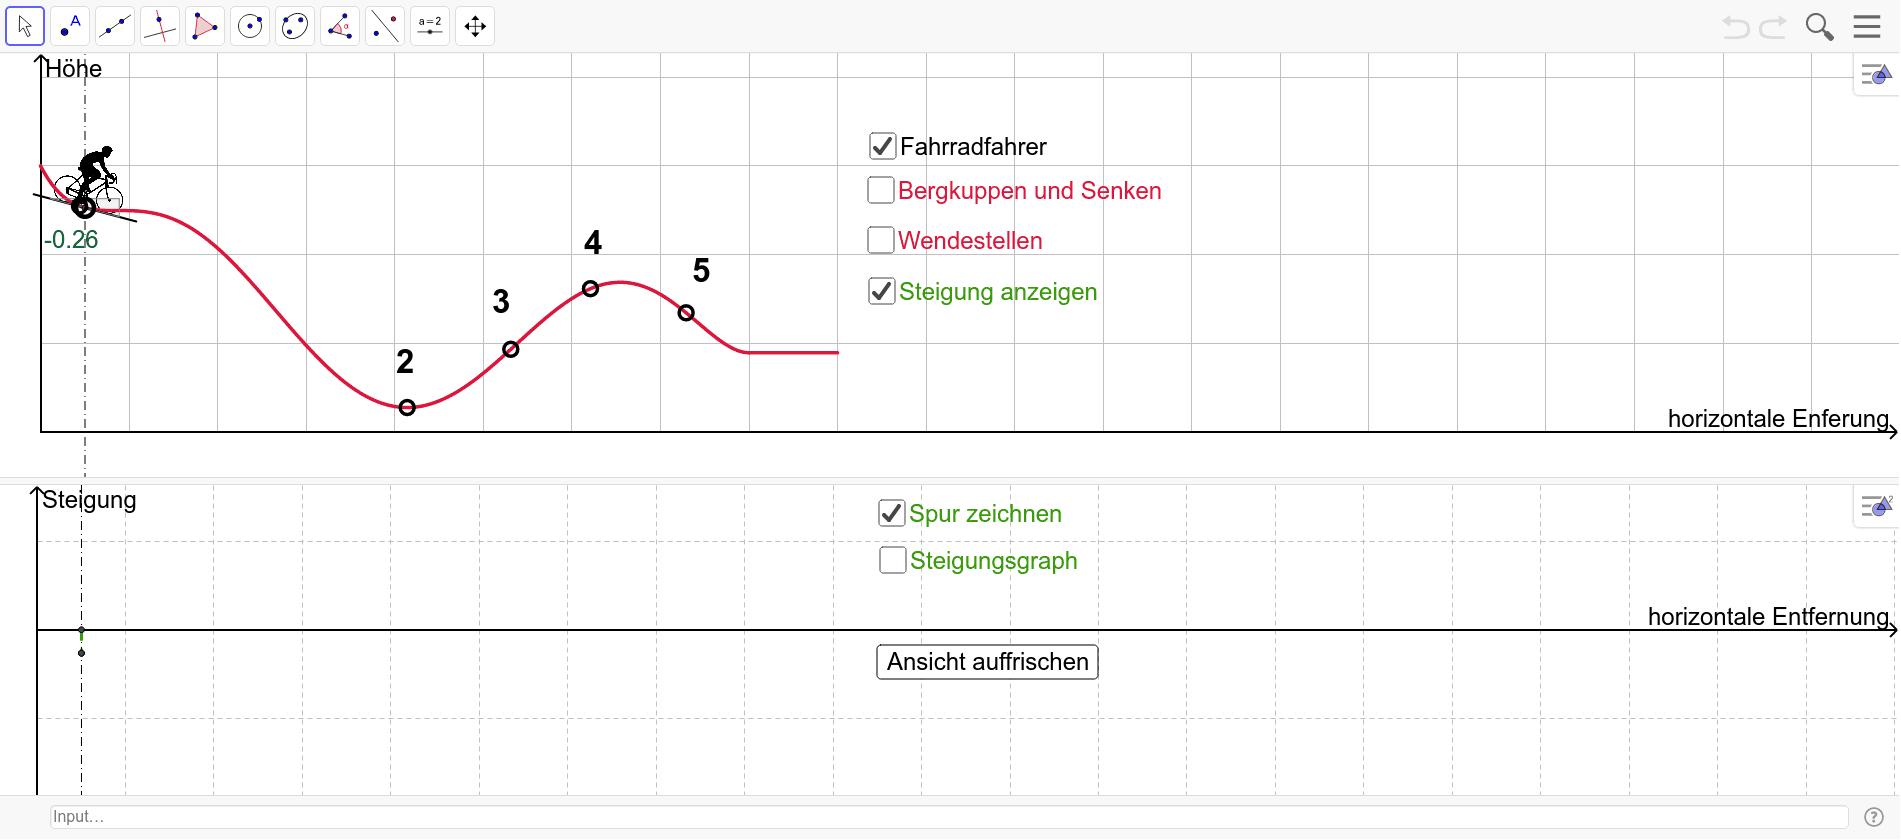 Entstehung eines Steigungsgraphen